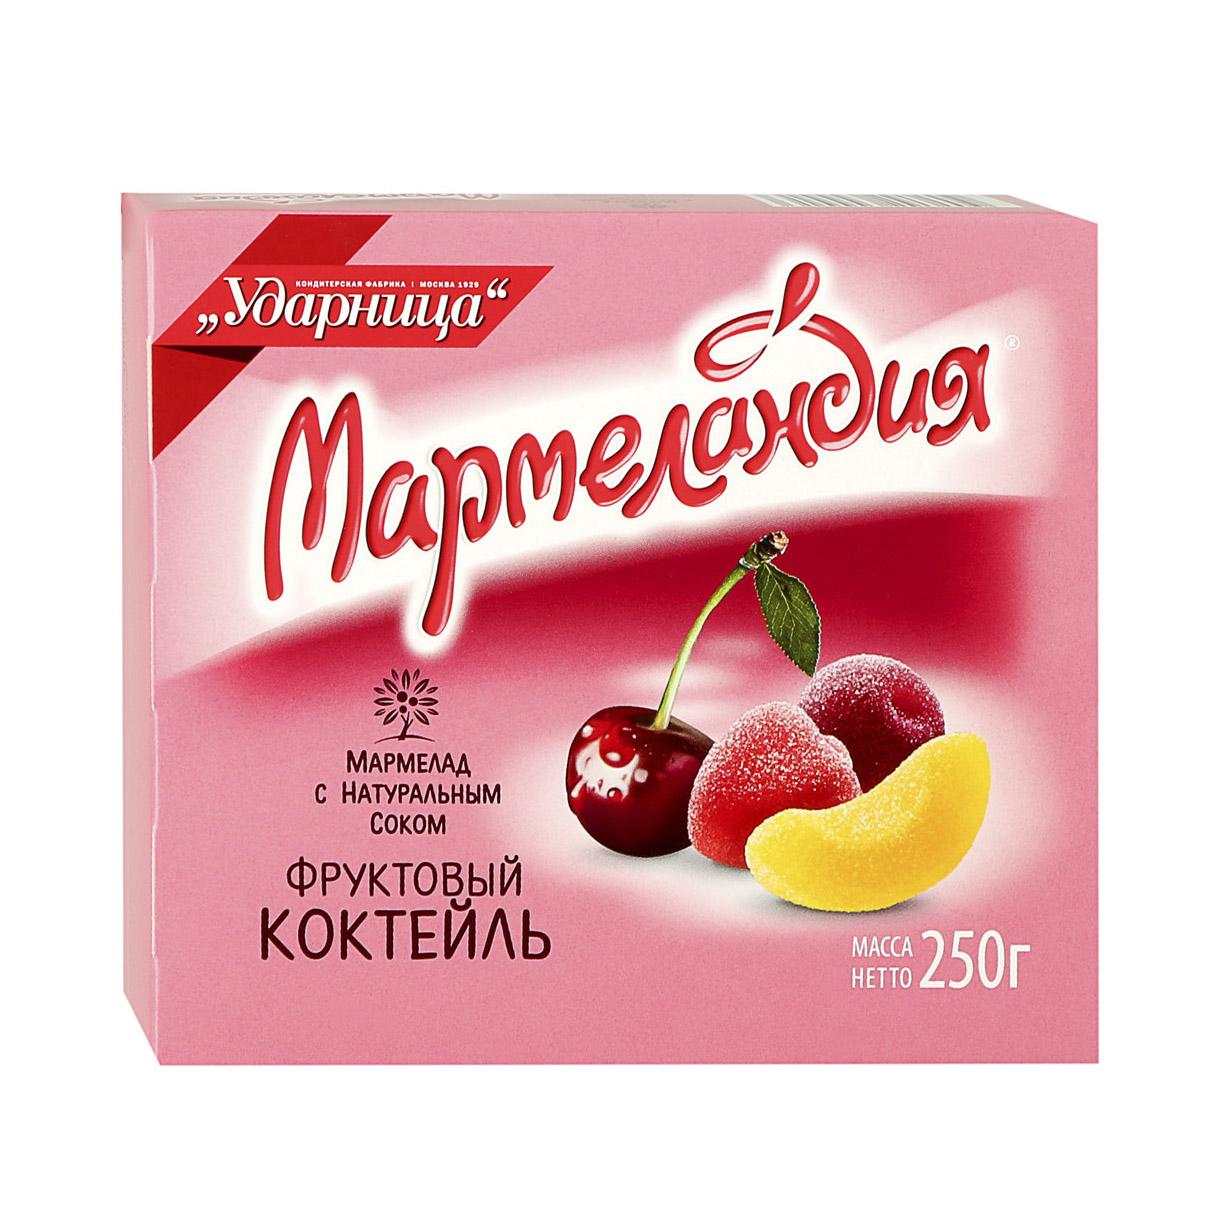 Мармелад Мармеландия Фруктовый коктейль 250 г фотообои 134х98см фруктовый коктейль 186 арт 134fk